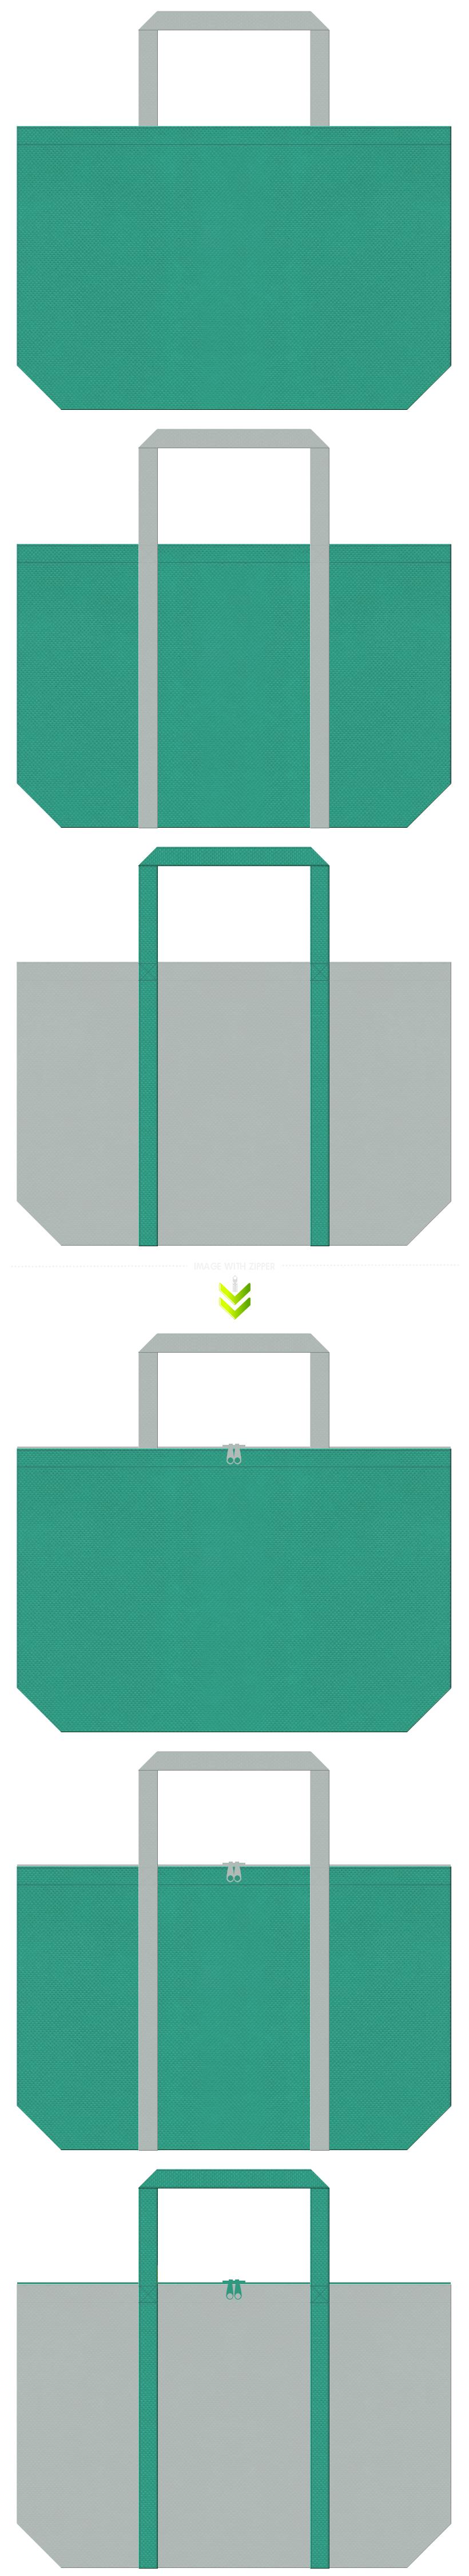 青緑色とグレー色の不織布エコバッグのデザイン。ランドリーバッグにお奨めです。